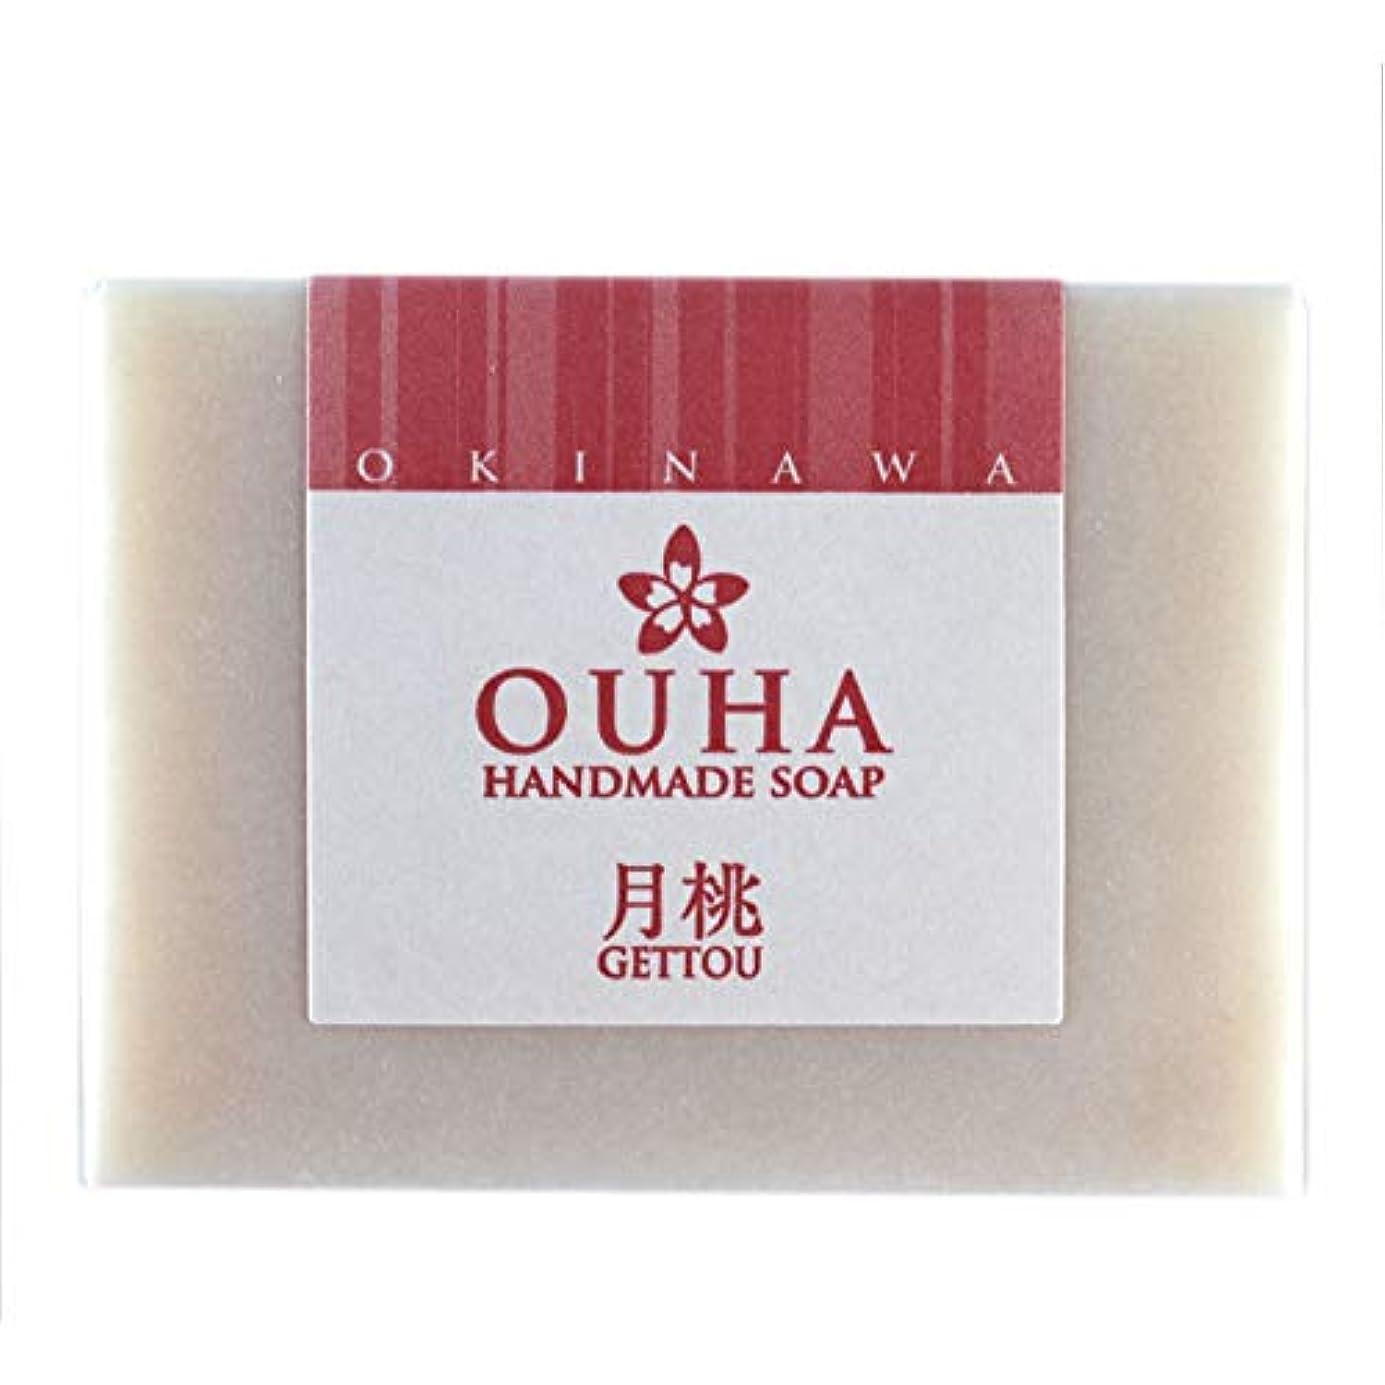 カプラードアミラー促進する【送料無料 レターパックライト】沖縄県産 OUHAソープ 月桃 石鹸 100g 3個セット